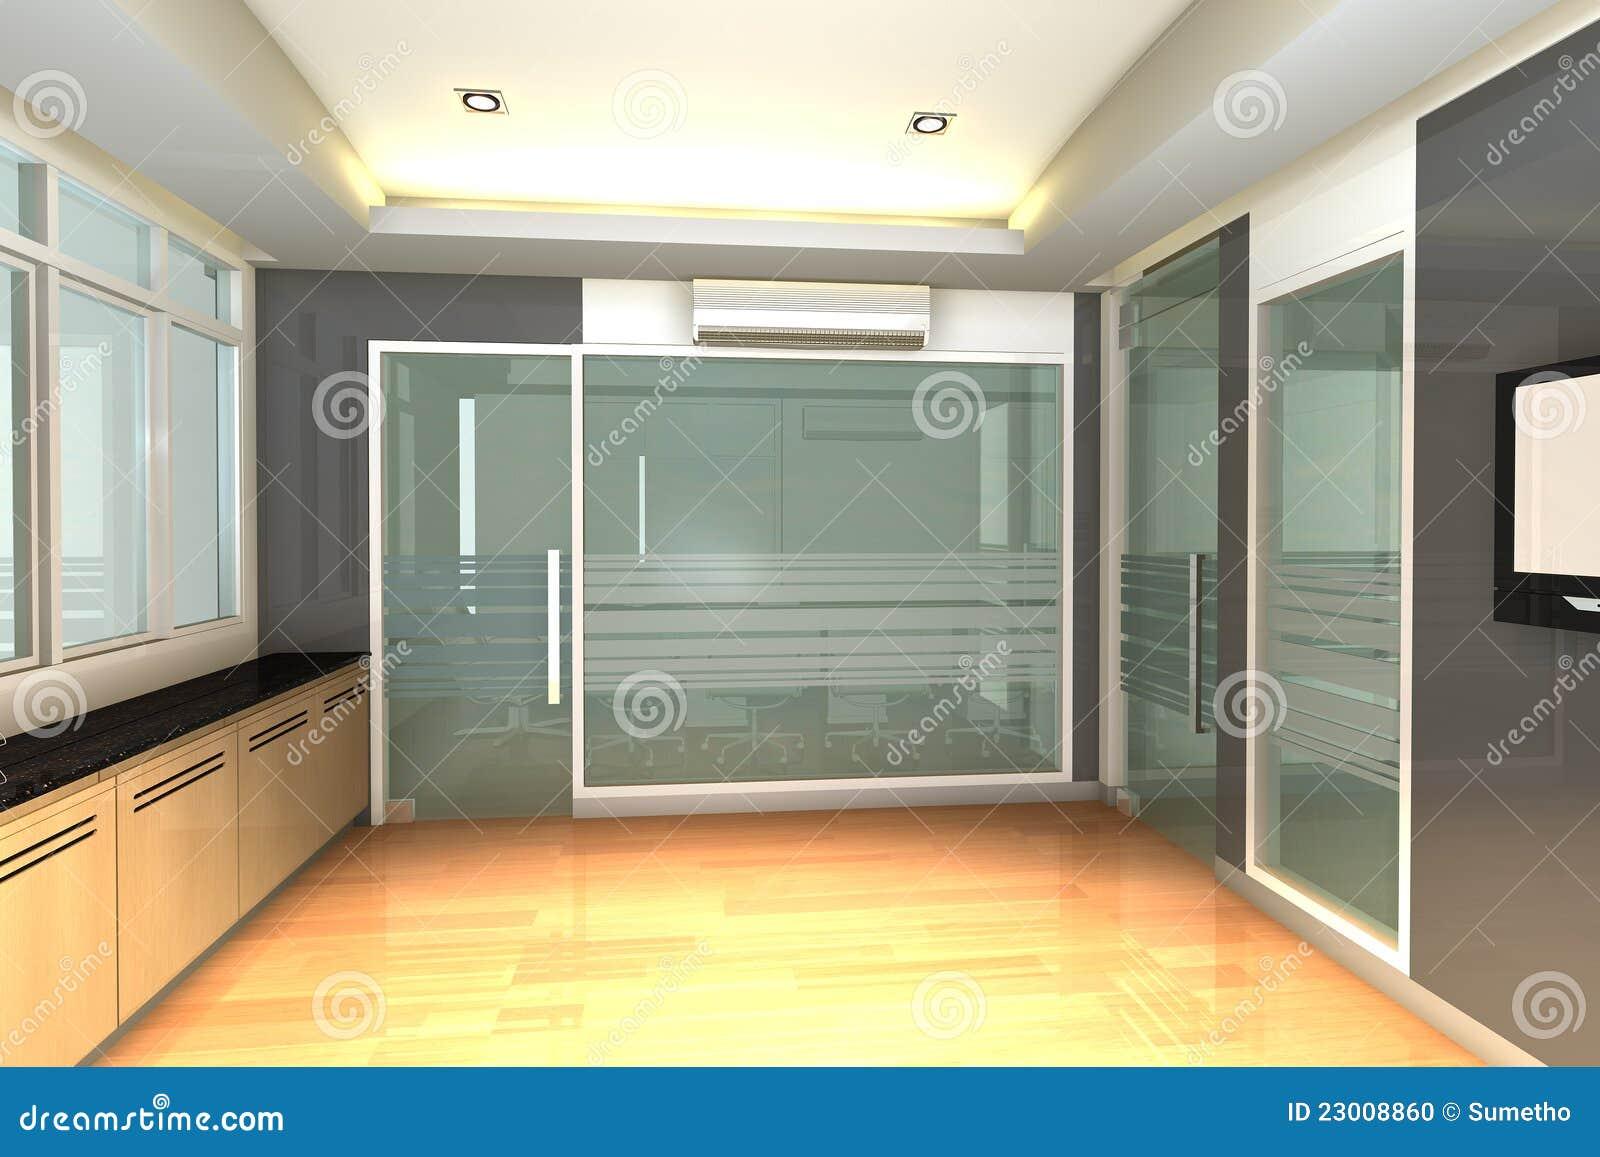 Ufficio Moderno Foto : Interiore vuoto per l ufficio moderno di affari illustrazione di